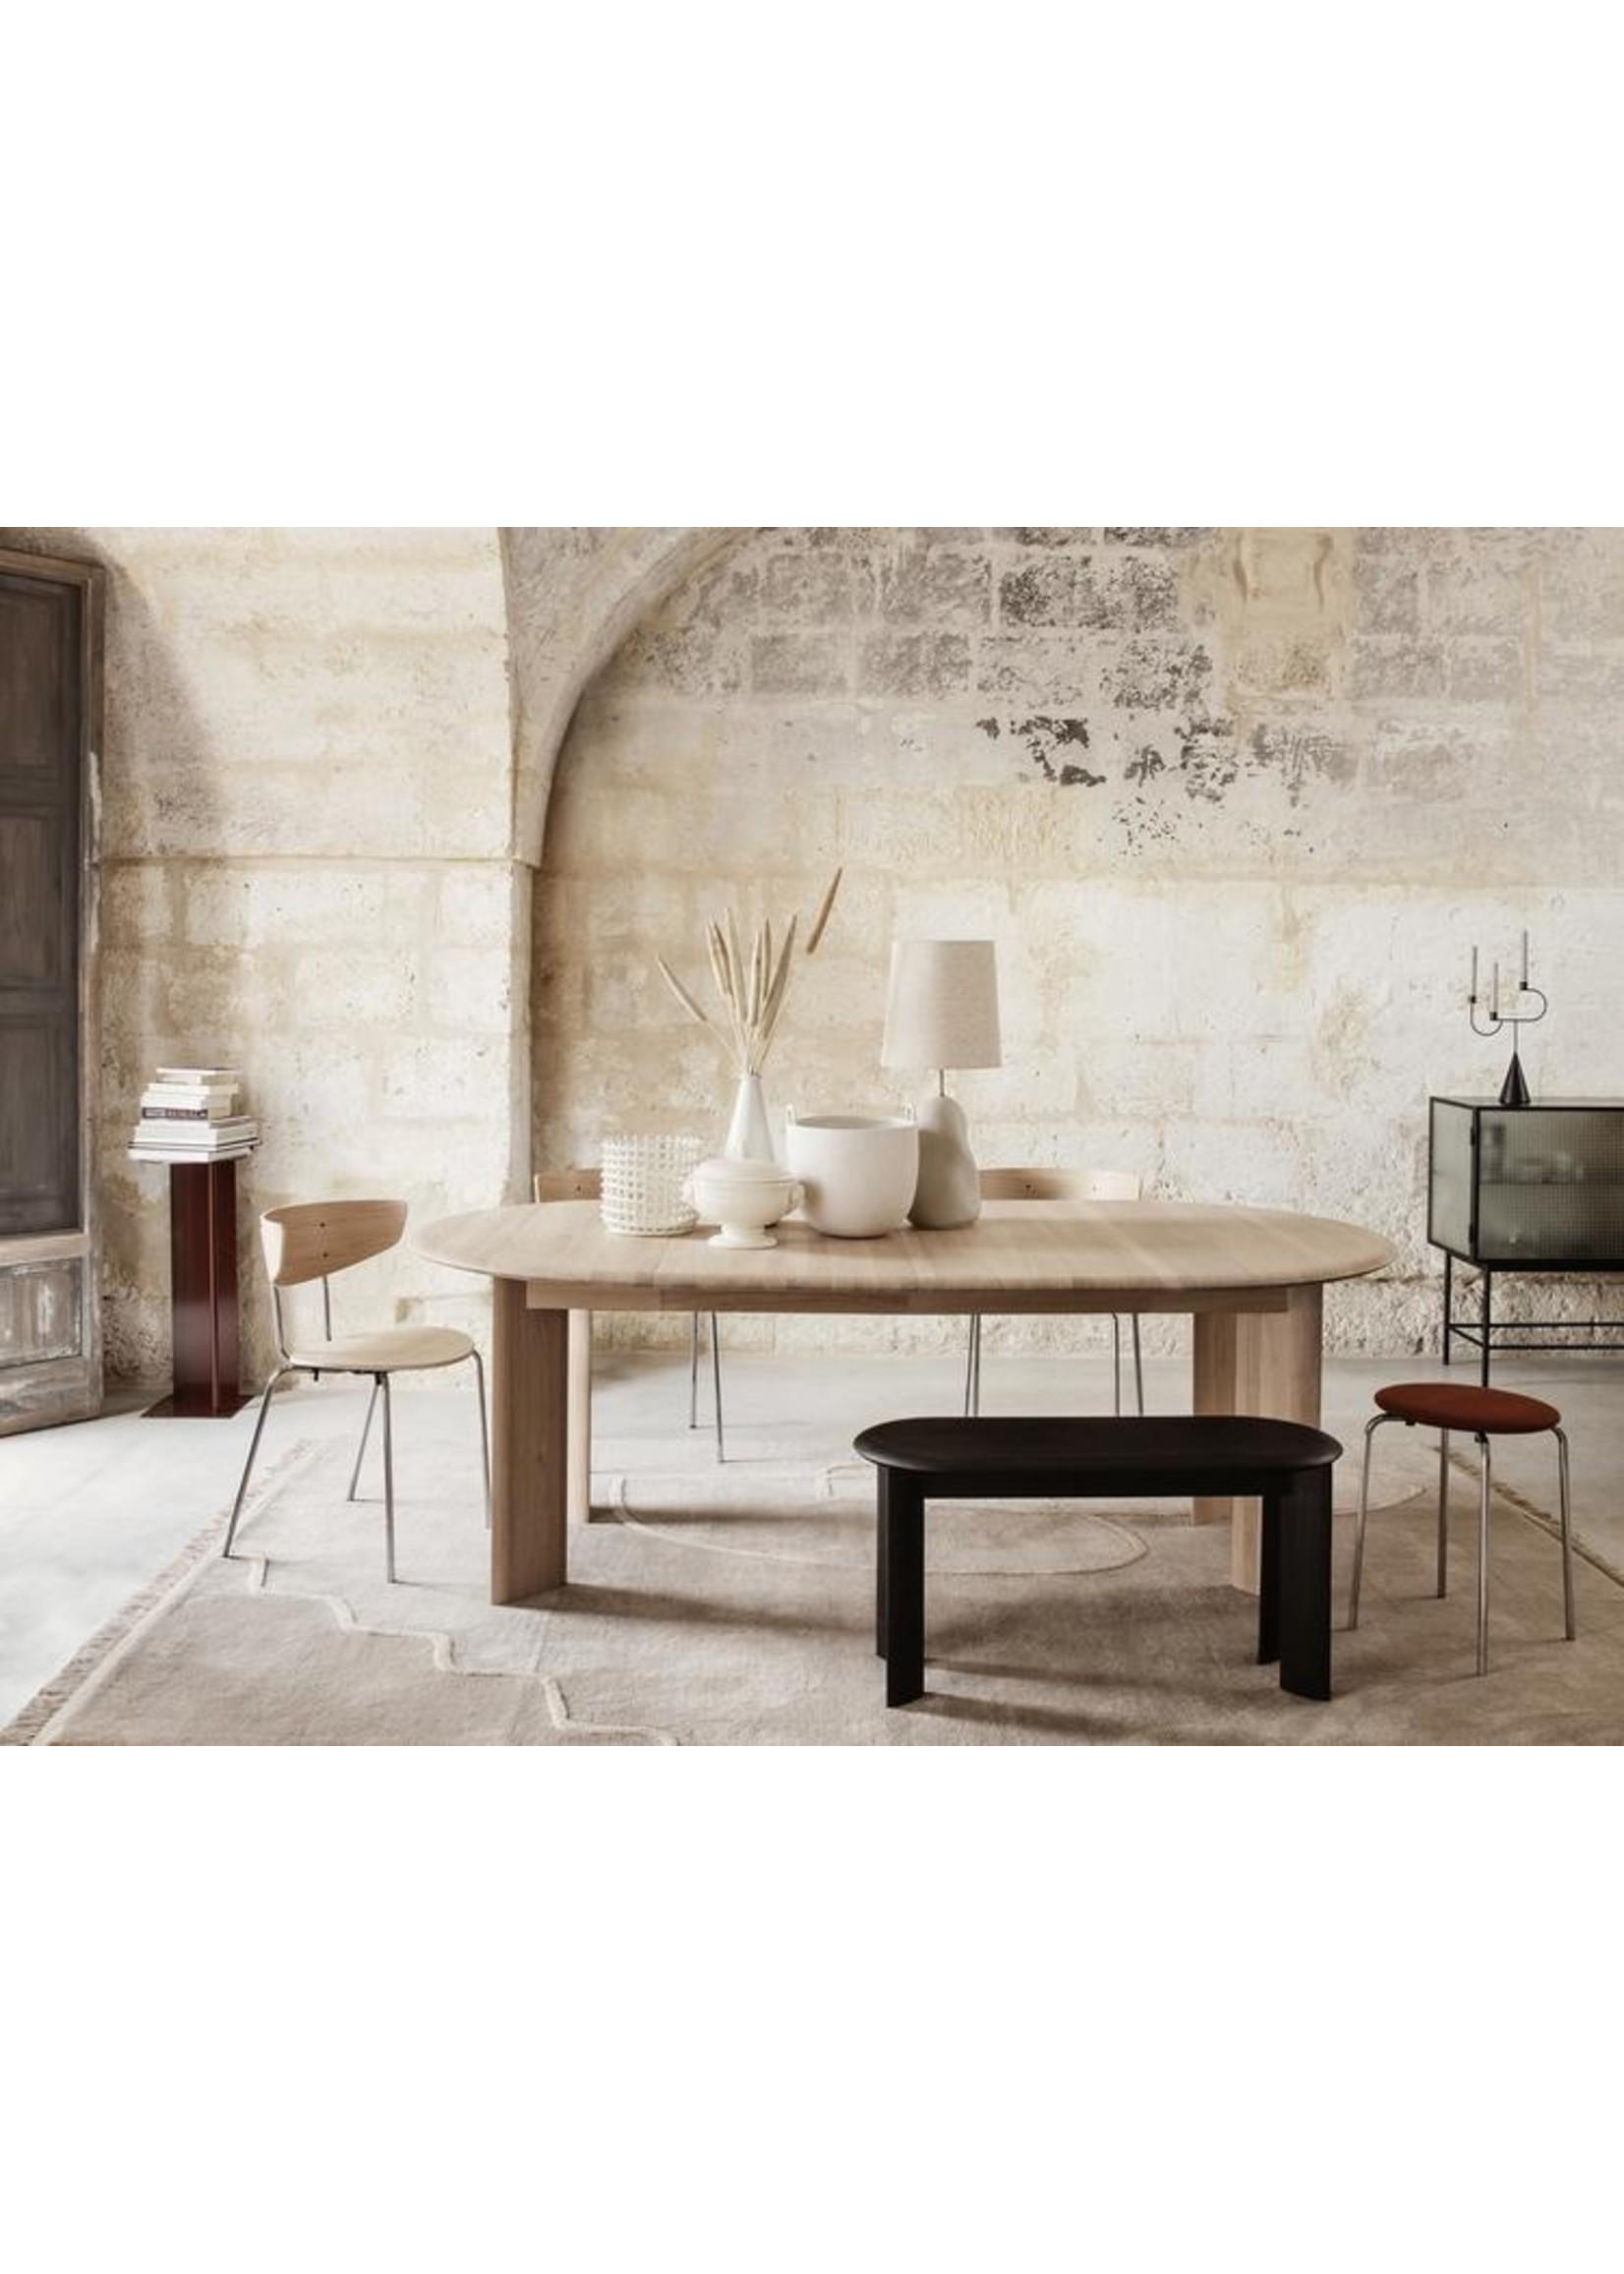 ferm LIVING ferm LIVING Bevel Table - Extendable x 2 - White Oiled Oak